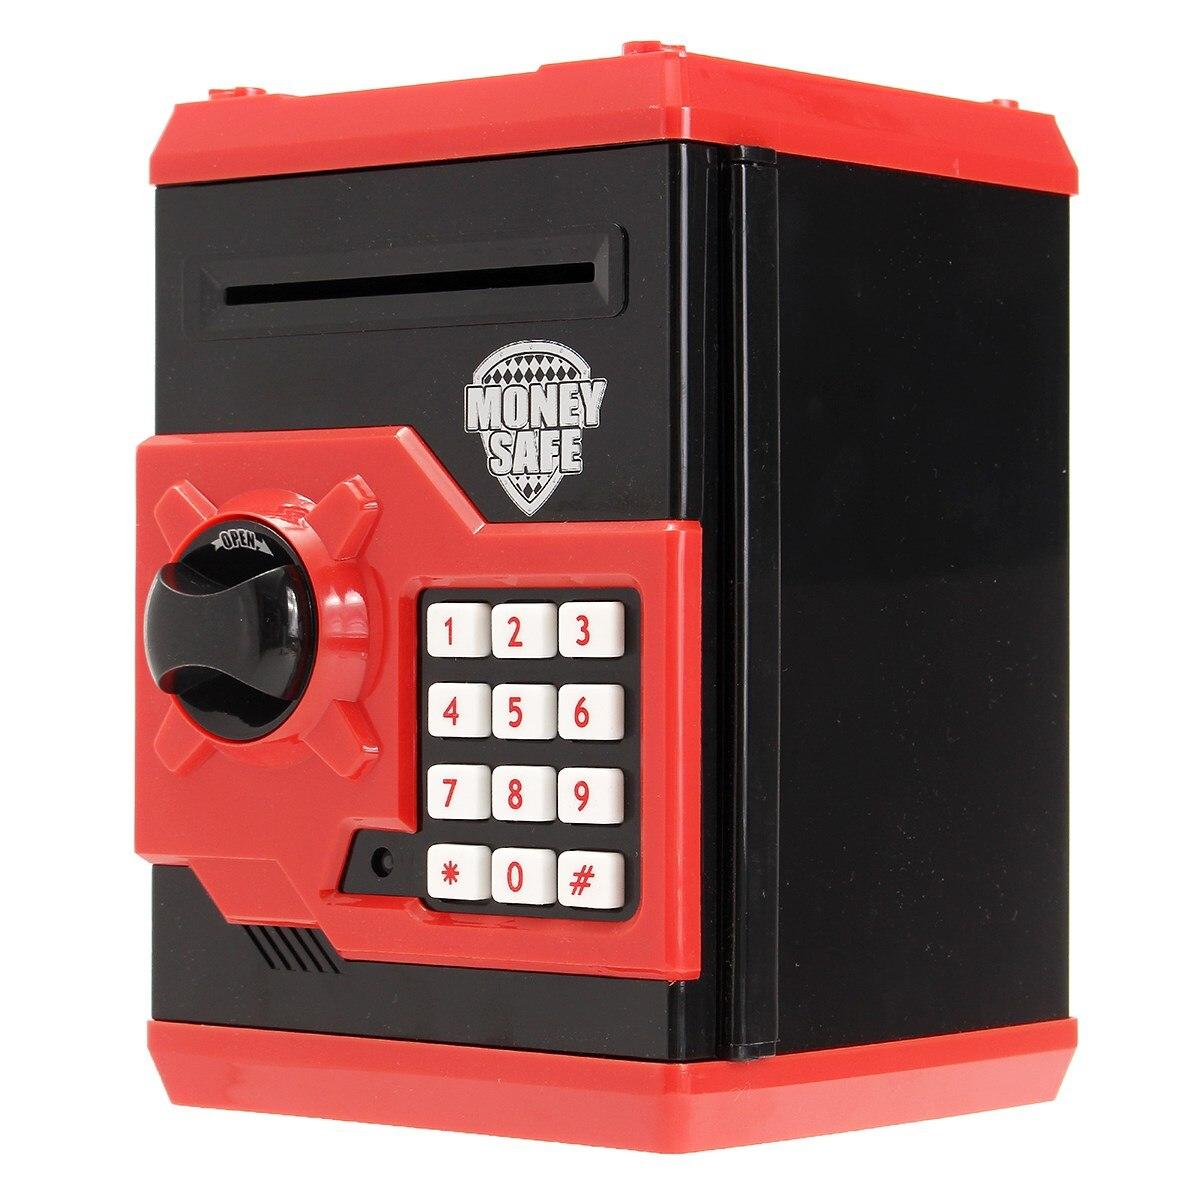 imágenes para NUEVA Seguridad Mini caja de Seguridad Cash Money Caja de Ahorro de La Moneda Alcancía Contraseña de Bloqueo Para Niños Juguetes Para Niños de Regalo